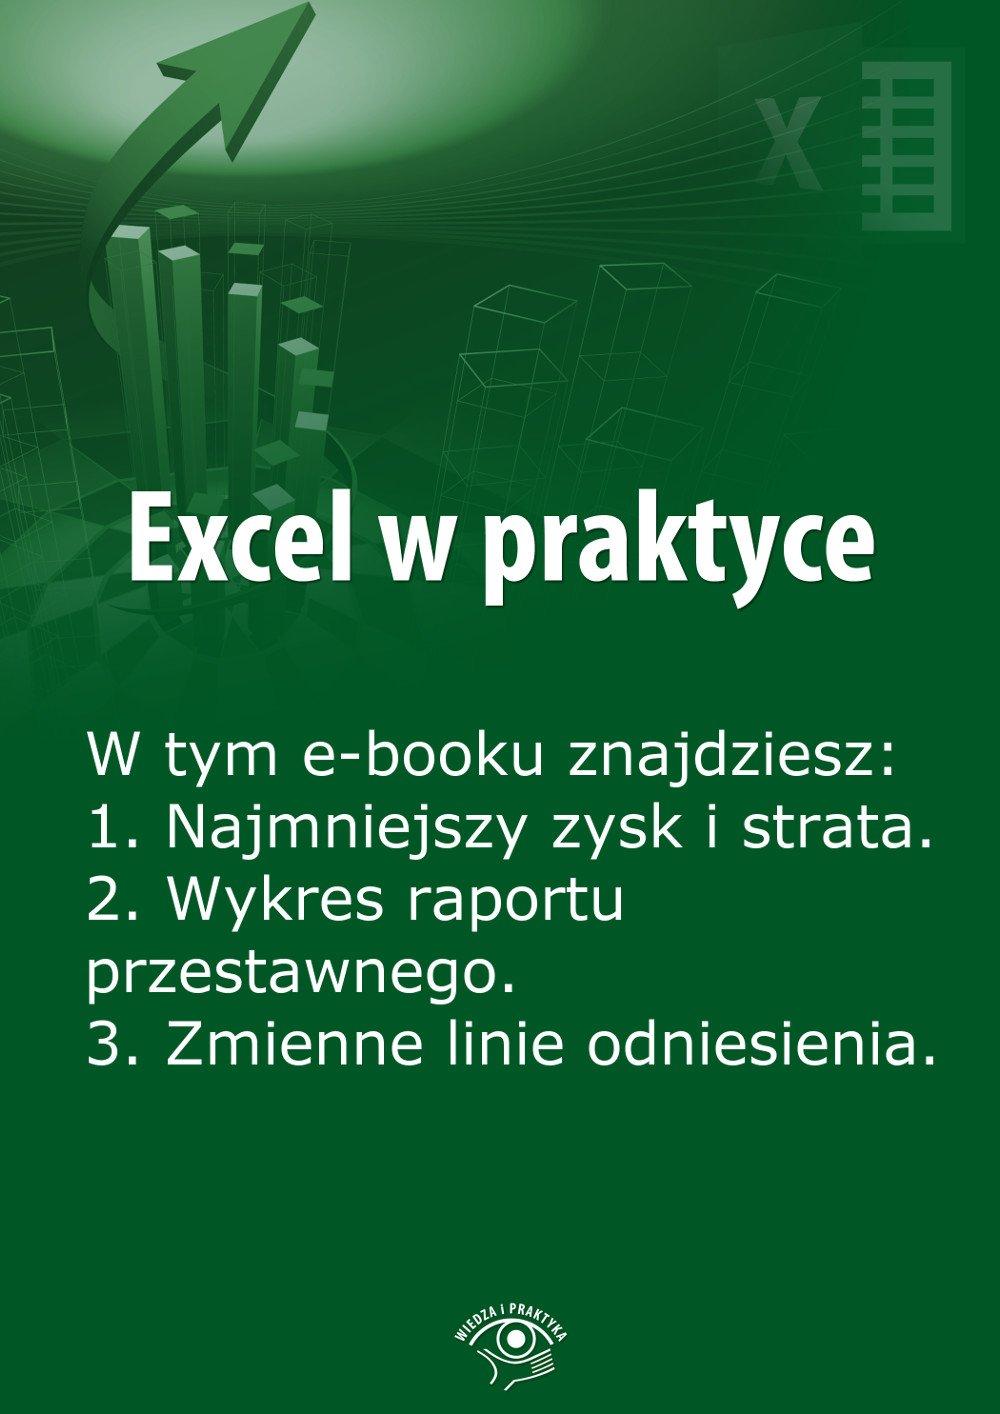 Excel w praktyce. Wydanie kwiecień 2014 r. - Ebook (Książka EPUB) do pobrania w formacie EPUB